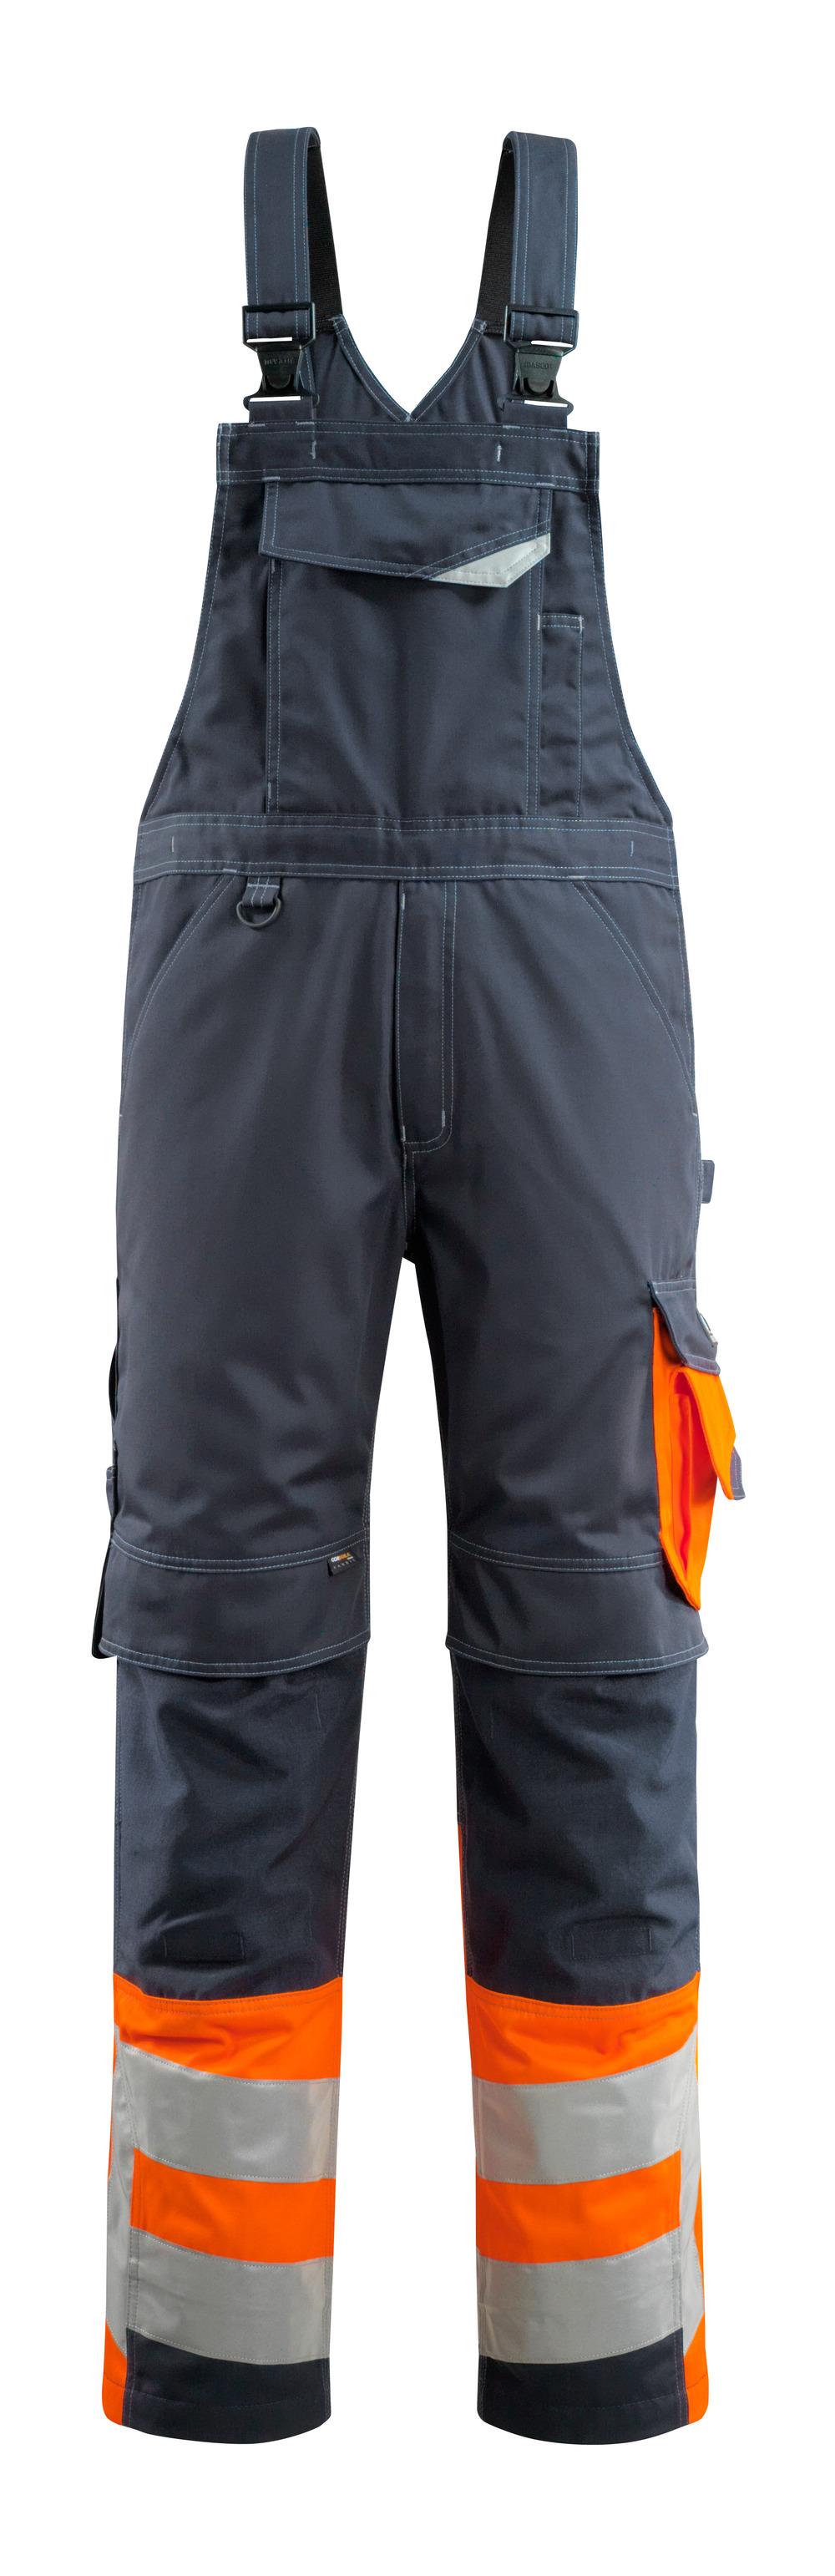 15669-860-01014 Salopette avec poches genouillères - Marine foncé/Orange